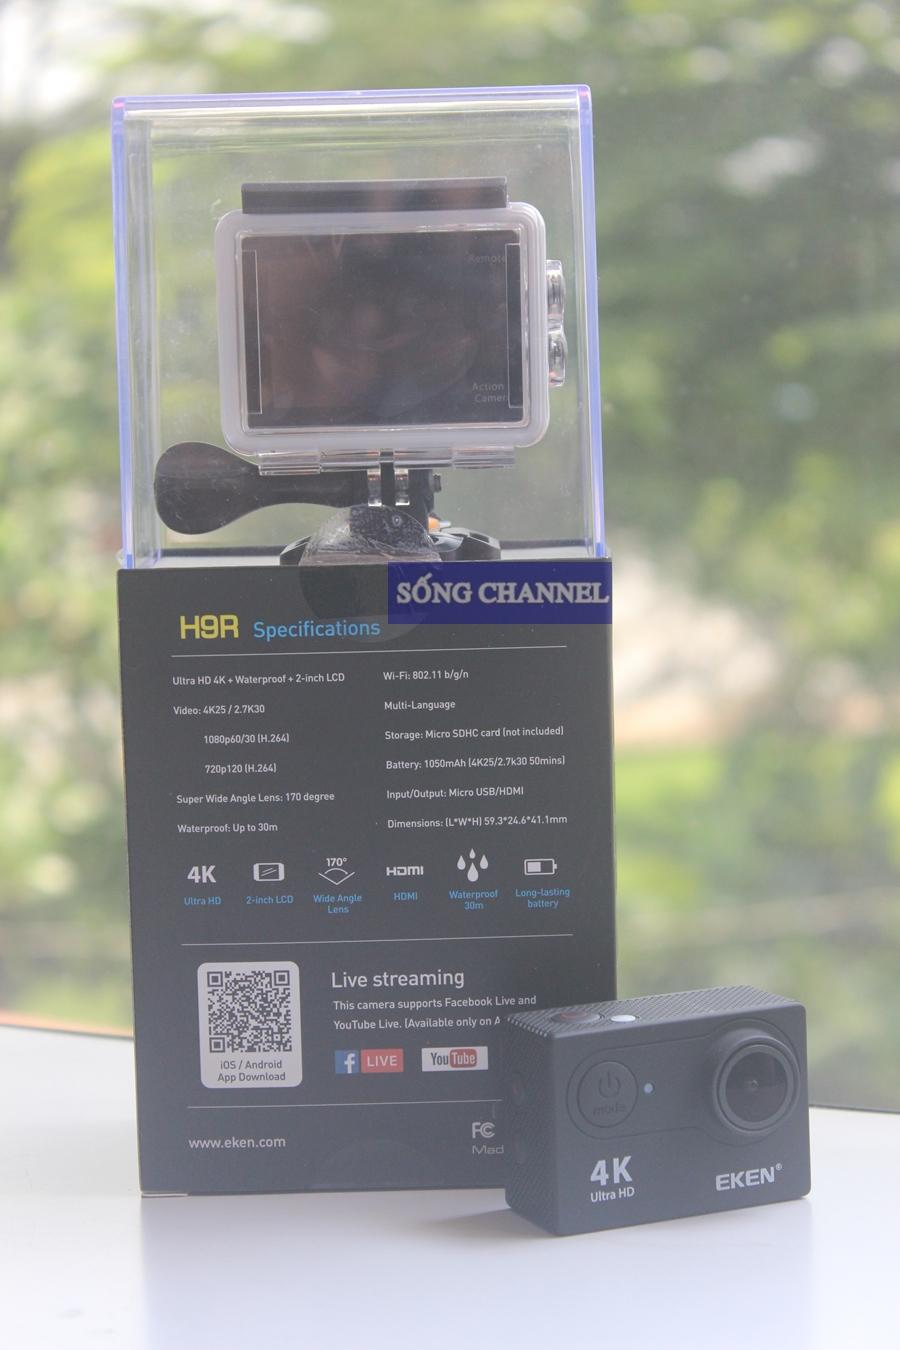 EKEN H9R FULL BOX-02